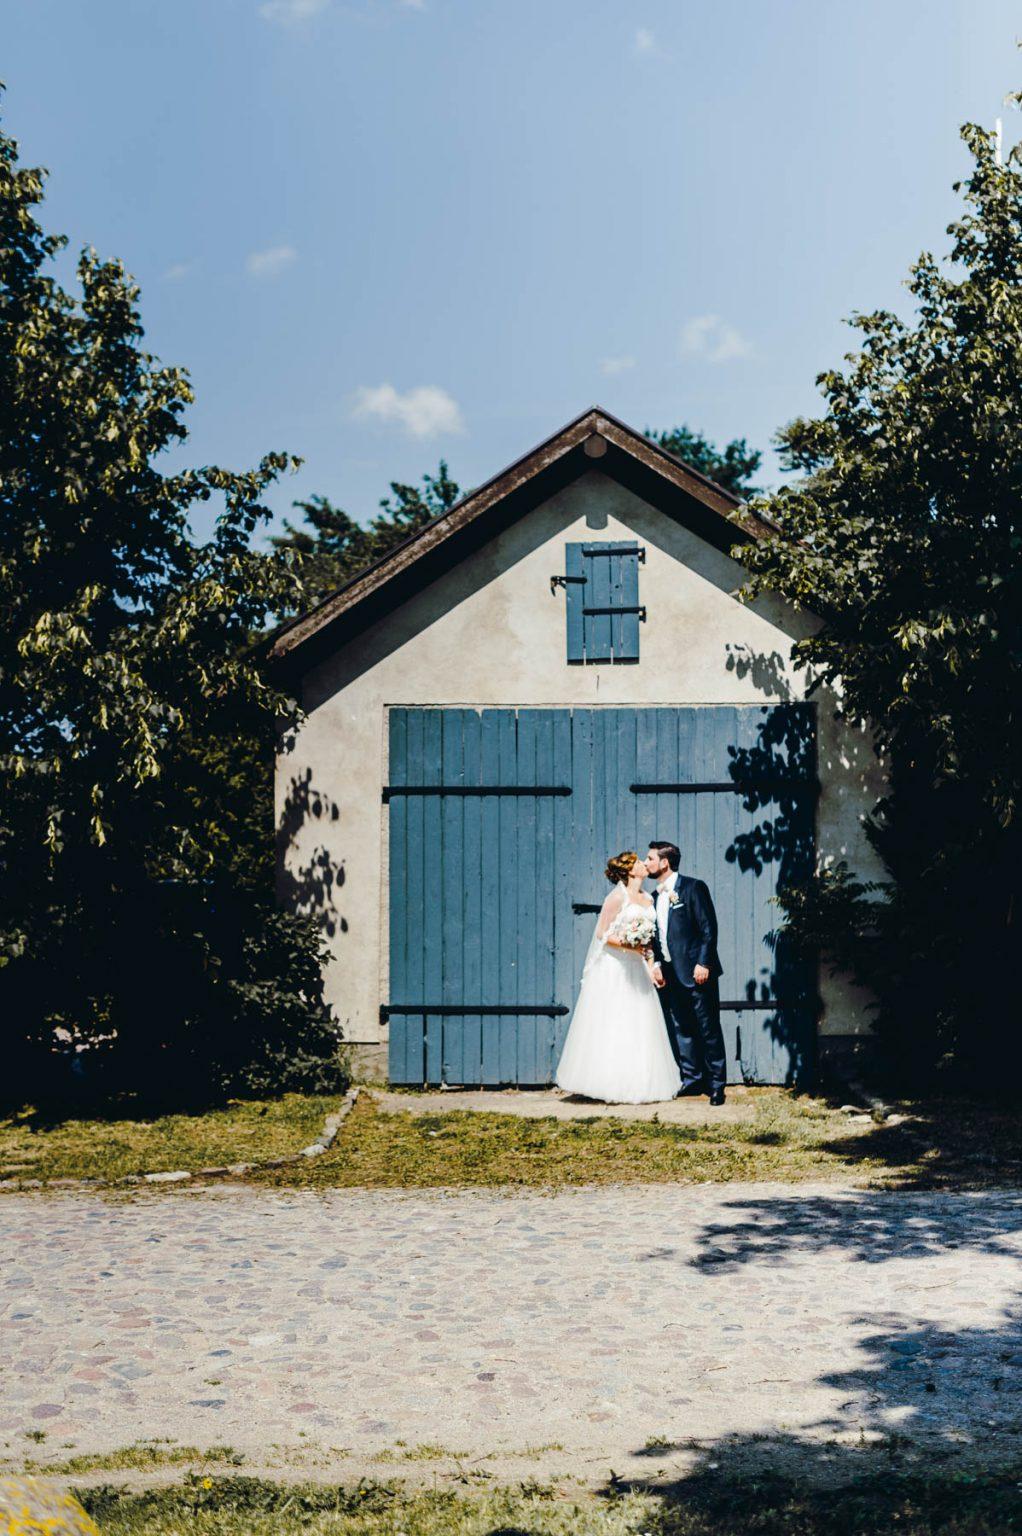 Hochzeitsportrait vor Scheune